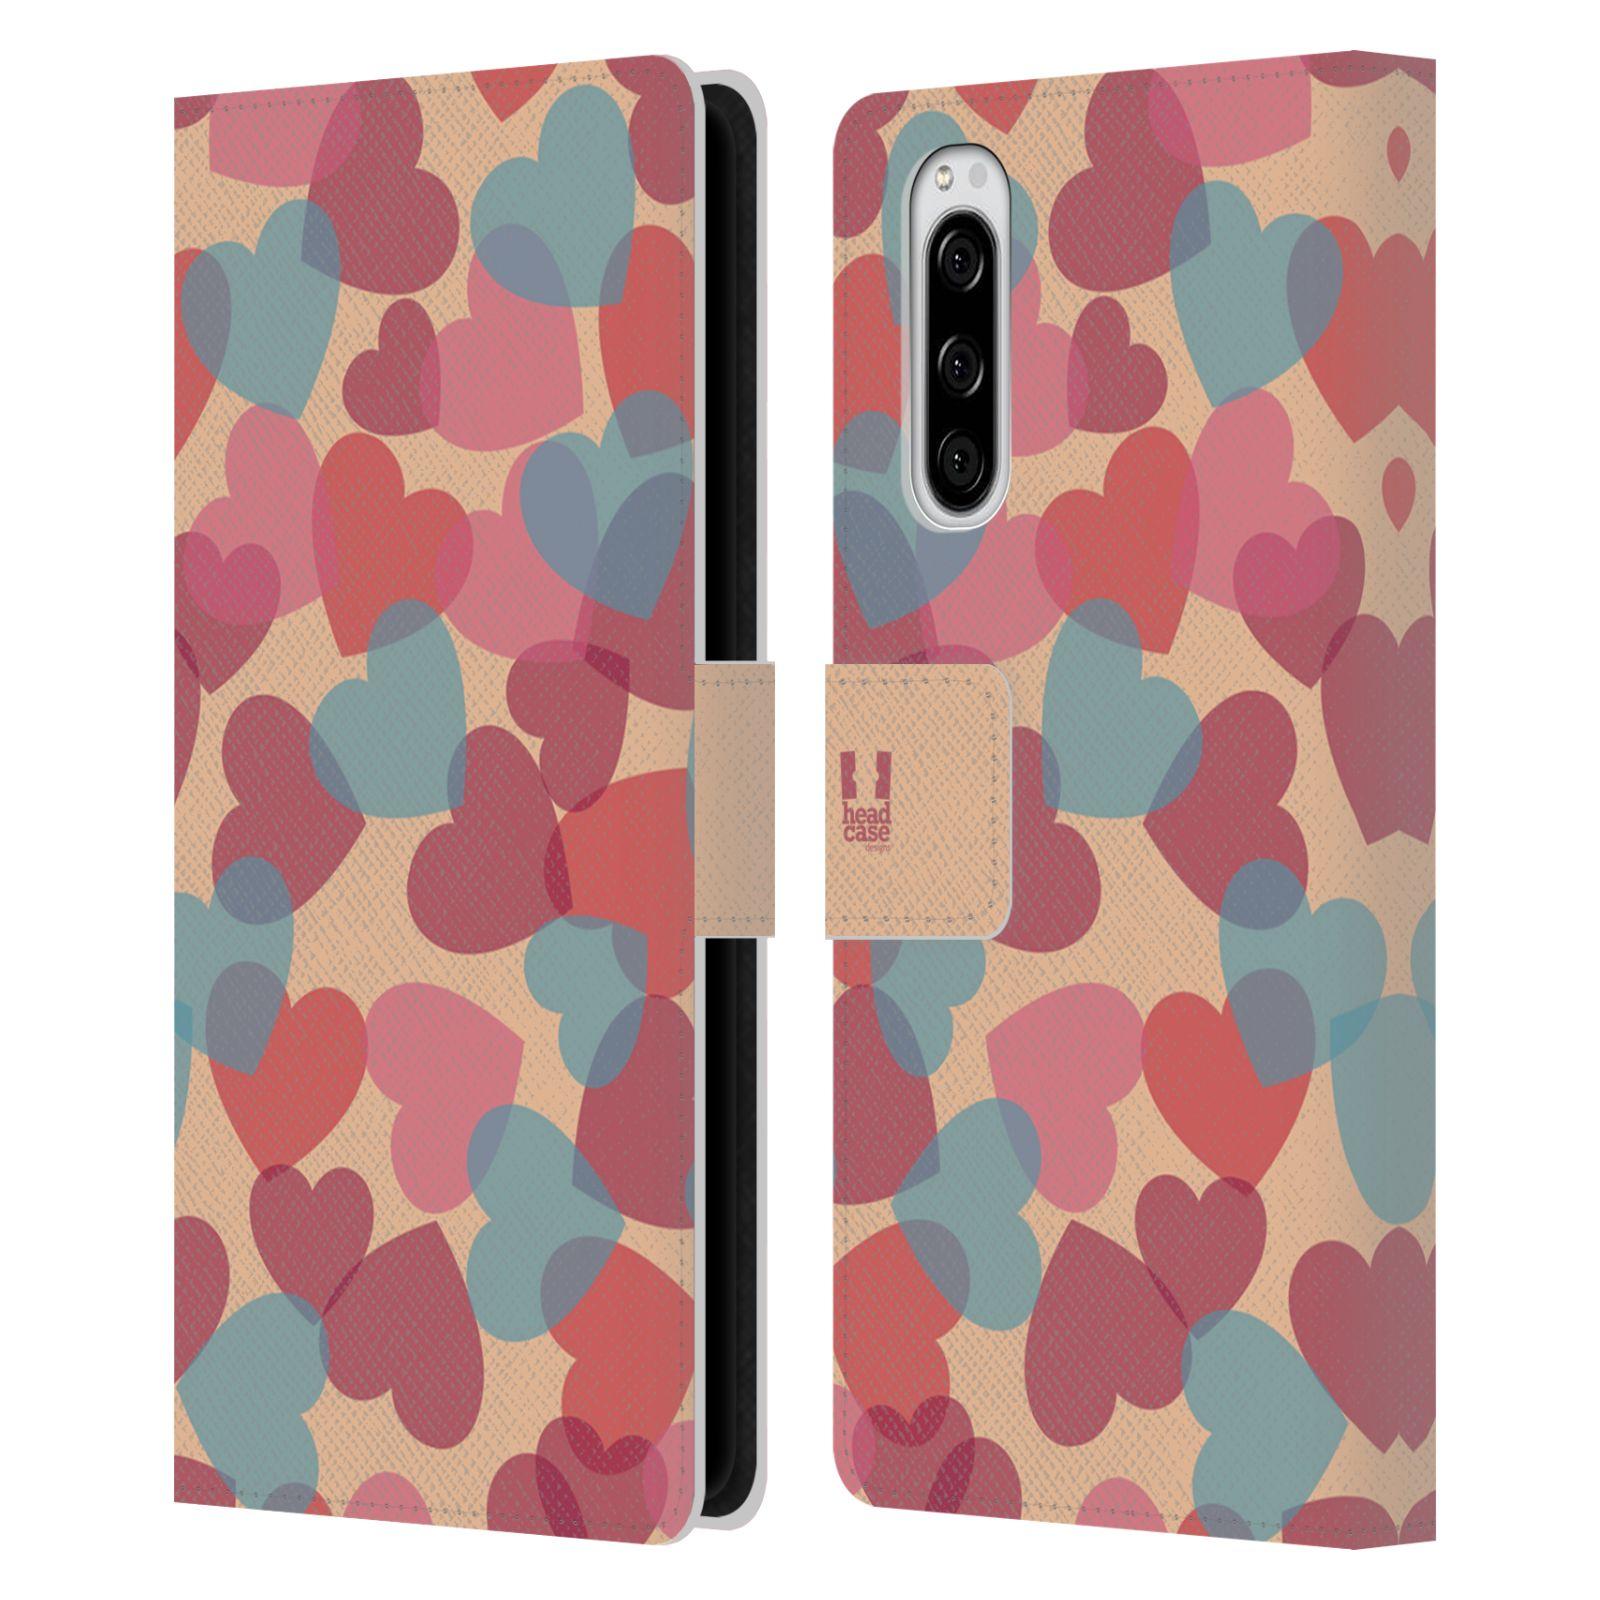 Pouzdro na mobil Sony Xperia 5 vzor prolínající se srdíčka, srdce, láska, růžová